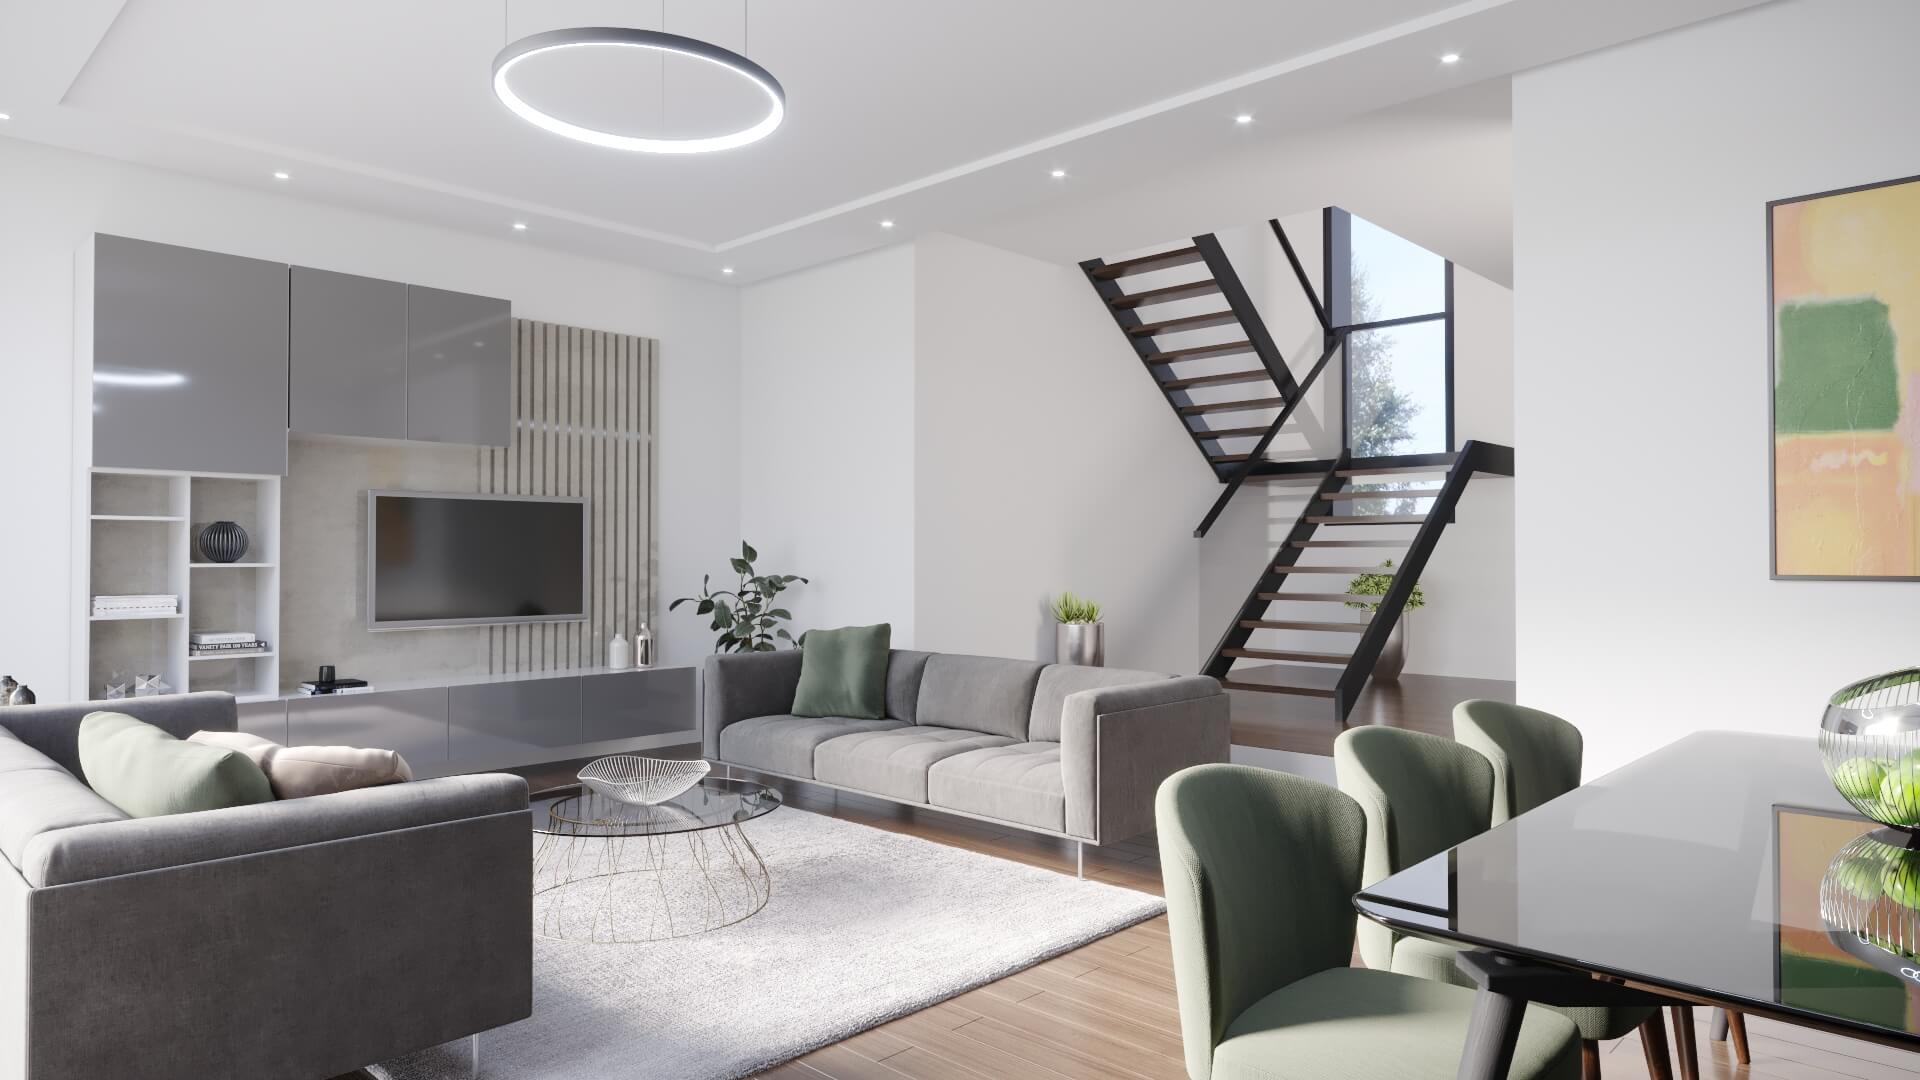 Quelles tendances pour l'immobilier en 2021 malgré le Covid ?